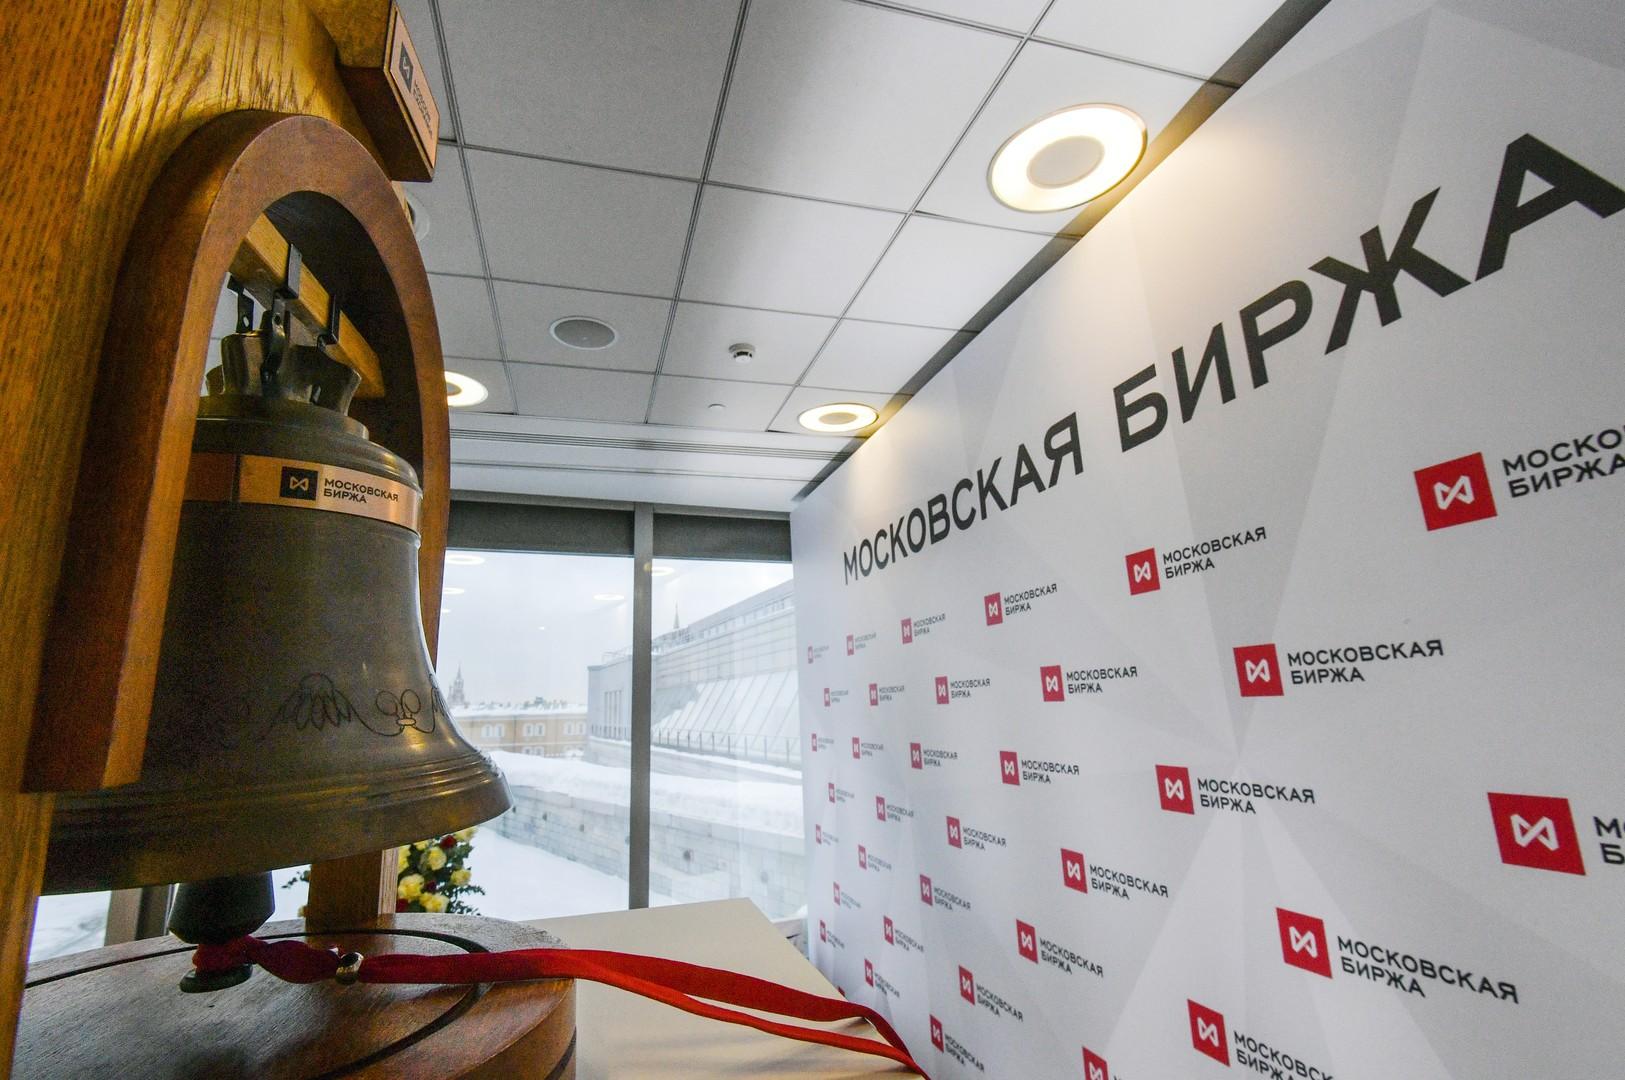 Индекс МосБиржи пополнится 3 новыми бумагами